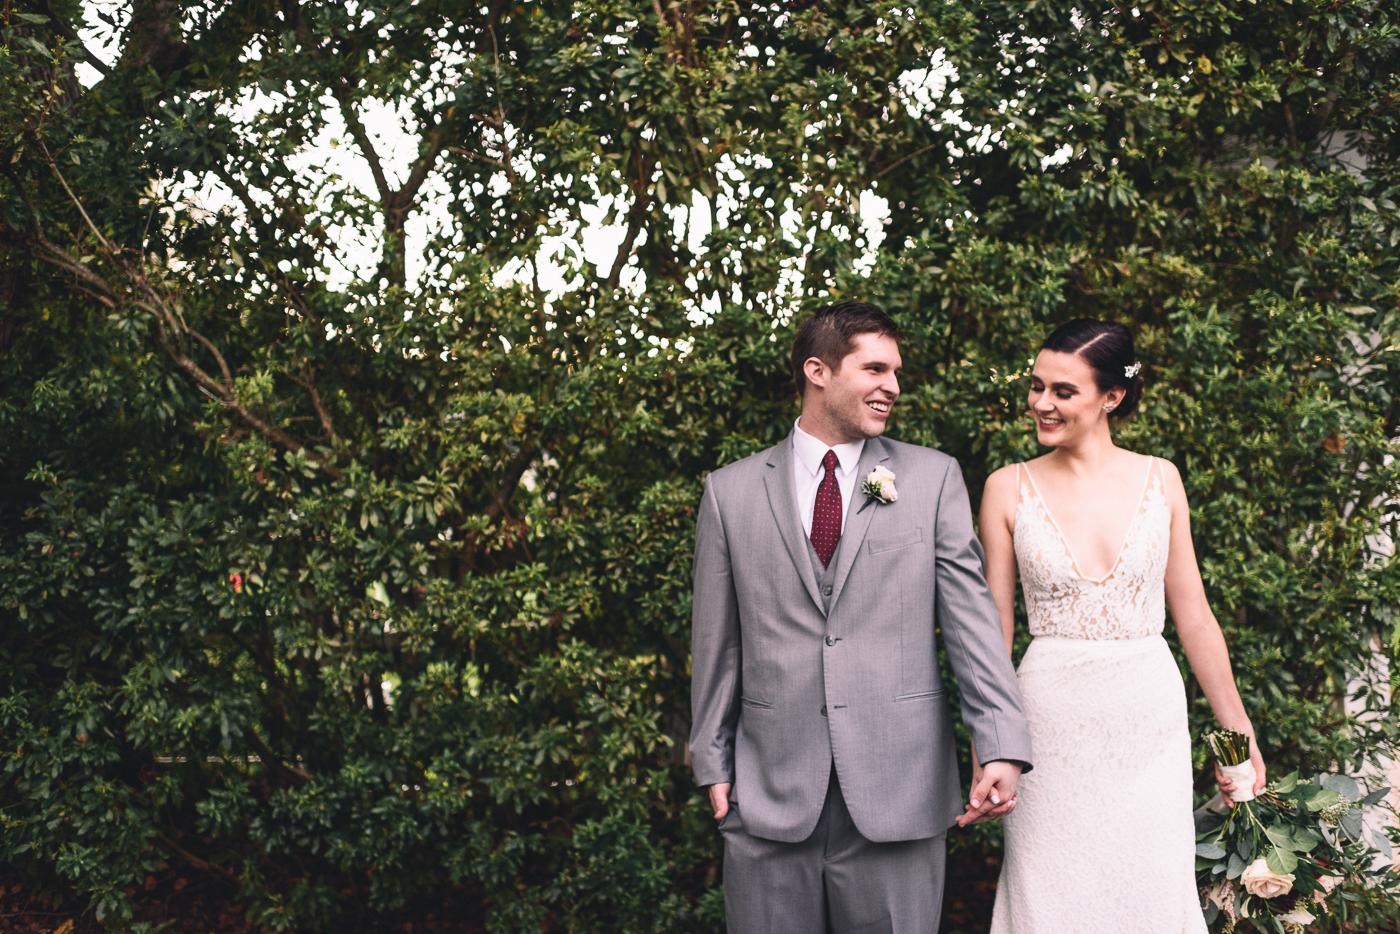 magnolia.texas.wedding (50 of 85).jpg